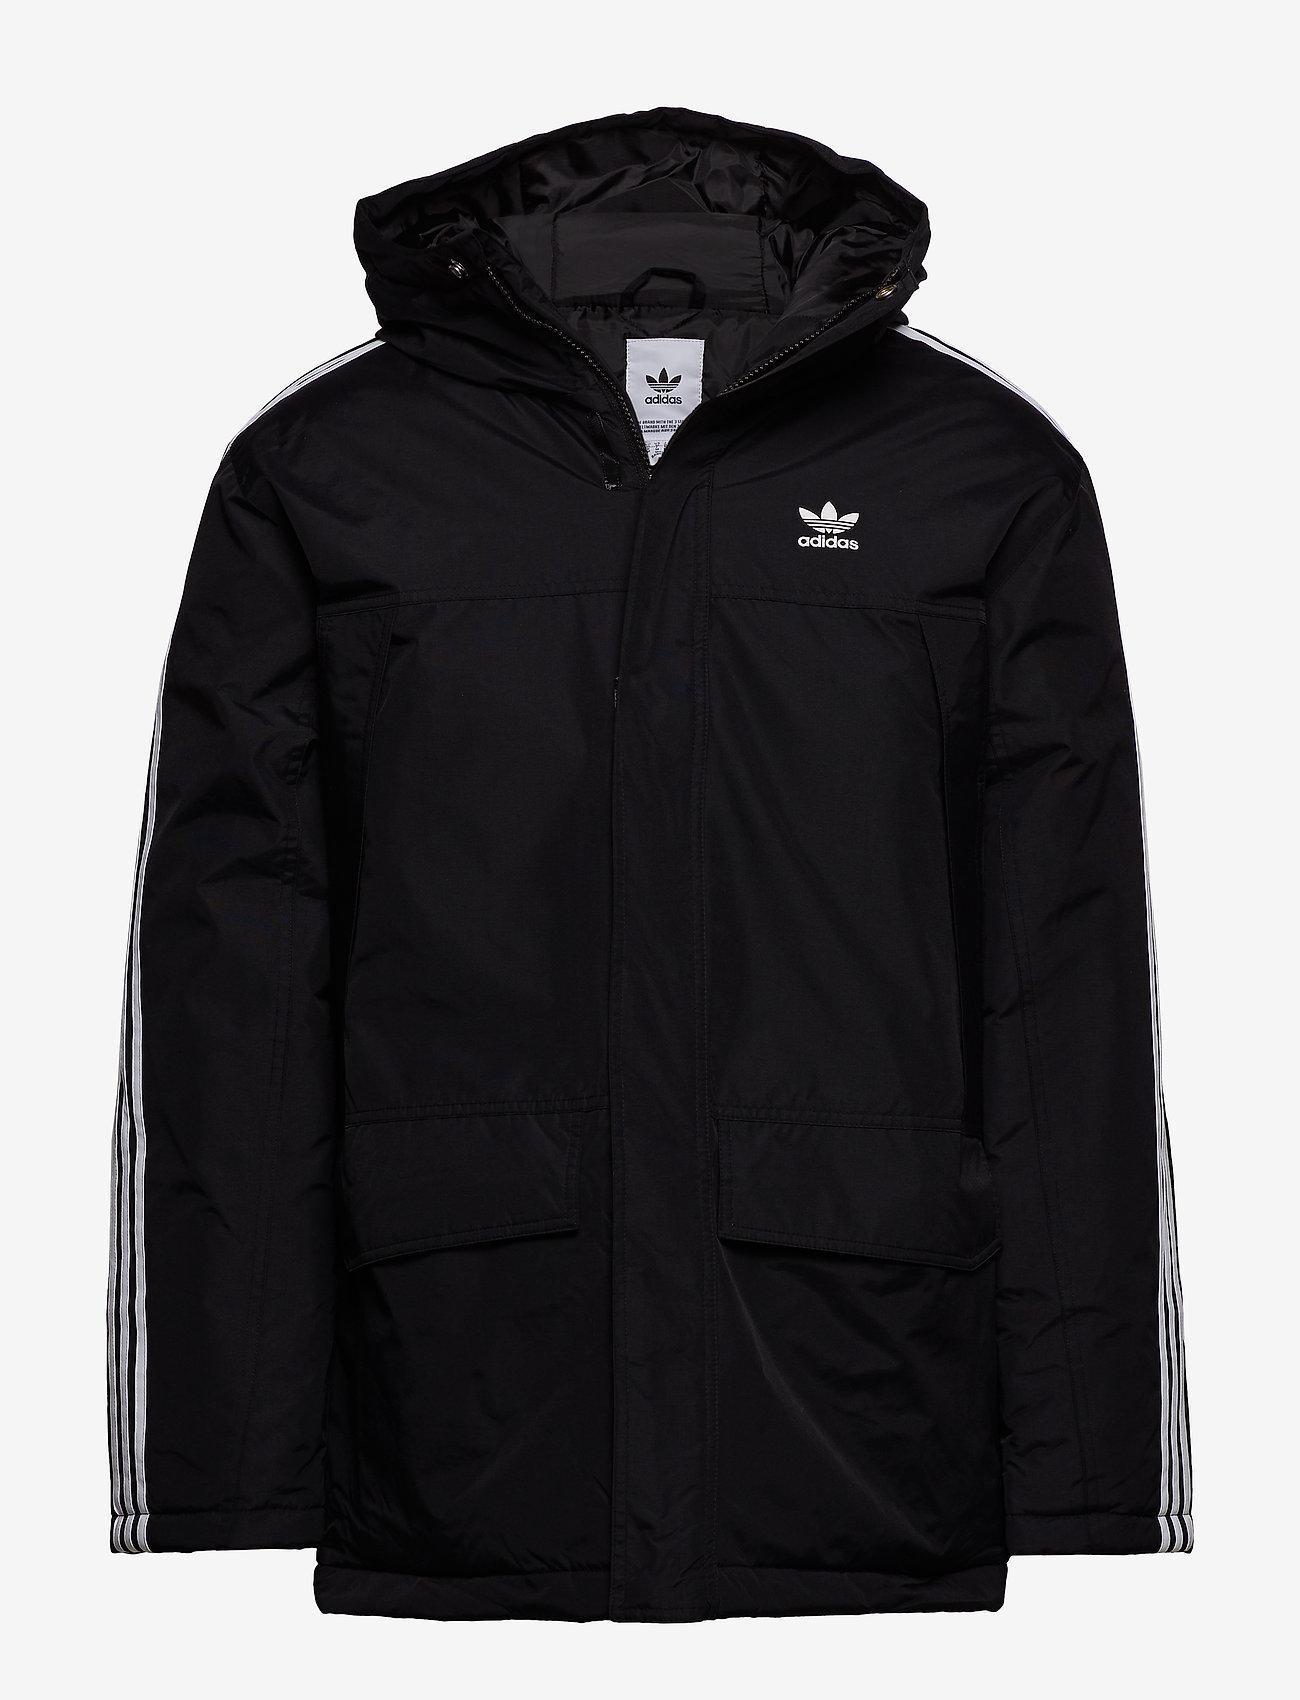 adidas Originals - PARKA PADDE - kurtki puchowe - black - 1